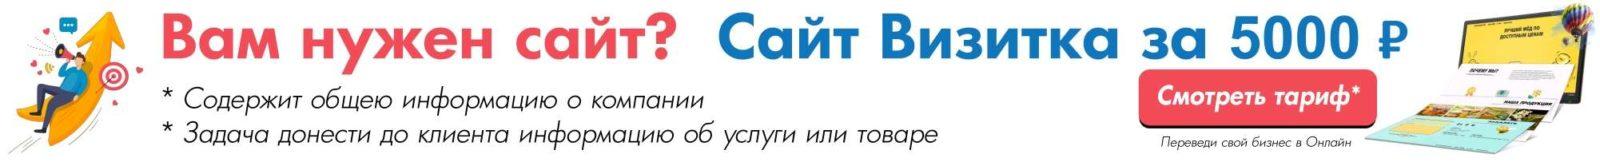 Сайт визитка за 5000 рублей под ключ!